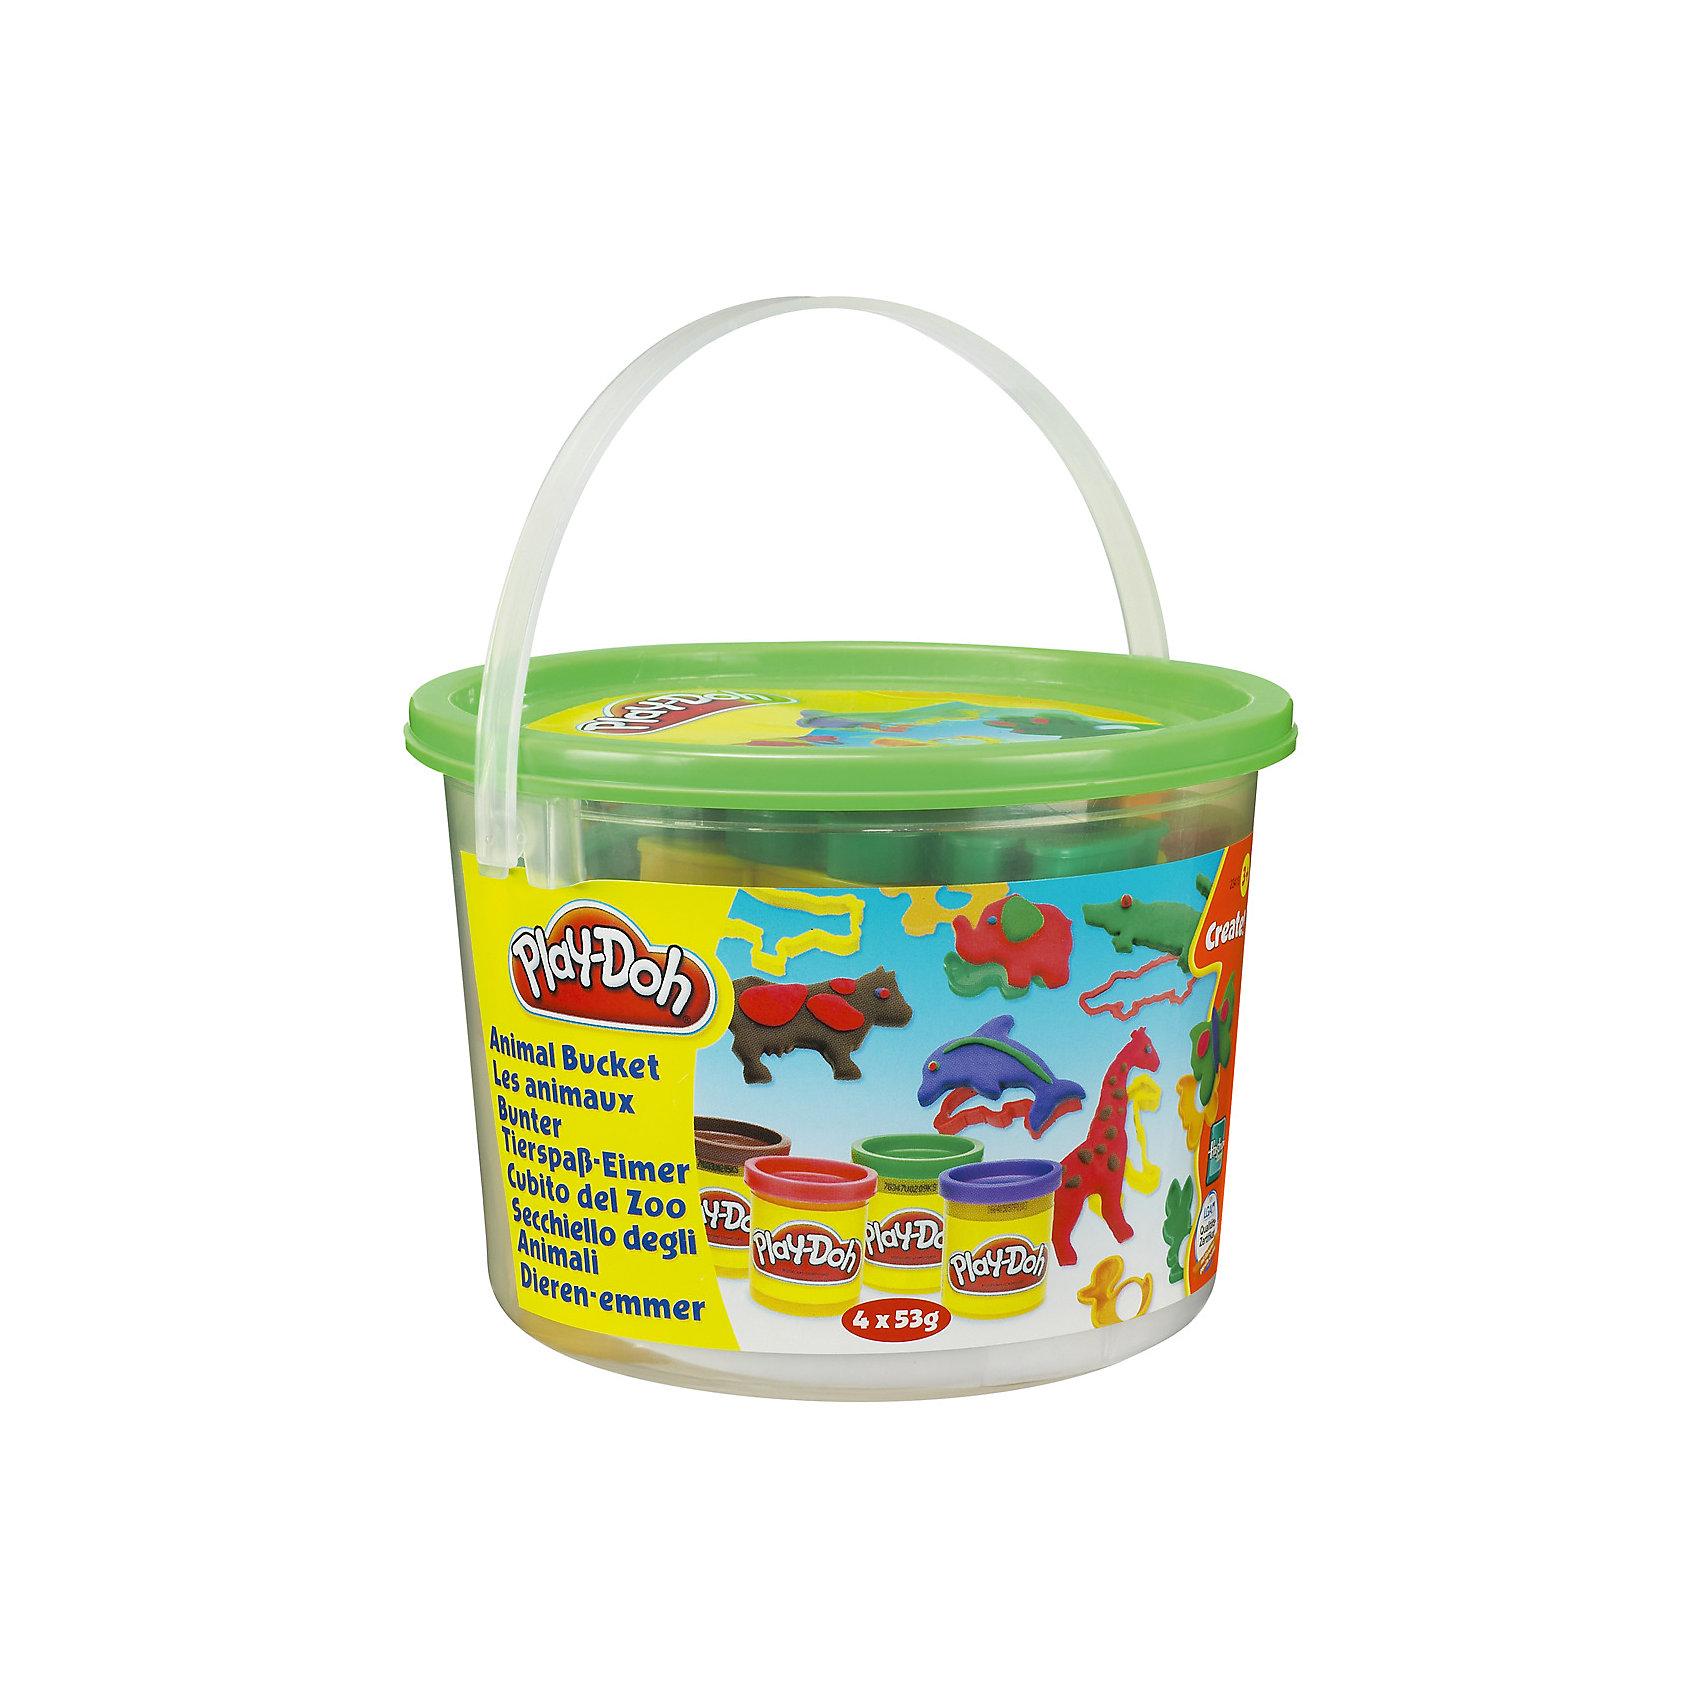 Тематический игровой набор Play-Doh ЖивотныеИгровой набор Ведерочко, Play-Doh<br><br>Характеристики:<br><br>- в набор входит: 4 цвета теста, 9 формочек, ведерко<br>- состав: вода, мука, соль, красители<br>- размер упаковки: 14,5 * 10 * 14,5 см.<br>- вес: 226 гр.<br>- для детей в возрасте: от 3 до 6 лет<br>- Страна производитель: Китай<br><br>Тесто для лепки Play-Doh (Плей-До) от известного американского производителя товаров для детей Hasbro (Хасбро) понравится детям, которые знакомятся с лепкой. Мягкое, безопасное, нетоксичное тесто состоит из натуральных компонентов, не прилипает к пальчикам и прекрасно смешивается между собой. Этот набор отличается своей оригинальной тематикой и понравится детишкам интересующимся животными и зоопарком. <br><br>В удобном для хранения ведерке лежат четыре отдельные закрывающиеся  баночки с коричневым, фиолетовым, красным и зеленым тестом. Так же в набор входят разные интересные формочки, такие как: коровка, жираф, крокодил, лошадка, бабочка, дельфин, уточка, слон и зайчик. Вы можете декорировать животных, добавляя им пятнышки, узоры и глазки. Цвета теста можно легко комбинировать между собой и смешивать, можно купить любое тесто для лепки Play-Doh (Плей-До) и оно сможет смешаться с тестом из набора. <br><br>Не рекомендуется хранить тесто для лепки на открытом воздухе. Работа с тестом для лепки помогает развить моторику ручек, внимание, творческие способности, тактильное и цветовое восприятие, поможет научиться смешивать цвета и добиться аккуратности в работе с формочками. <br><br>Игровой набор Ведерочко, Play-Doh можно купить в нашем интернет-магазине.<br><br>Ширина мм: 145<br>Глубина мм: 145<br>Высота мм: 105<br>Вес г: 372<br>Возраст от месяцев: 36<br>Возраст до месяцев: 120<br>Пол: Унисекс<br>Возраст: Детский<br>SKU: 5385711